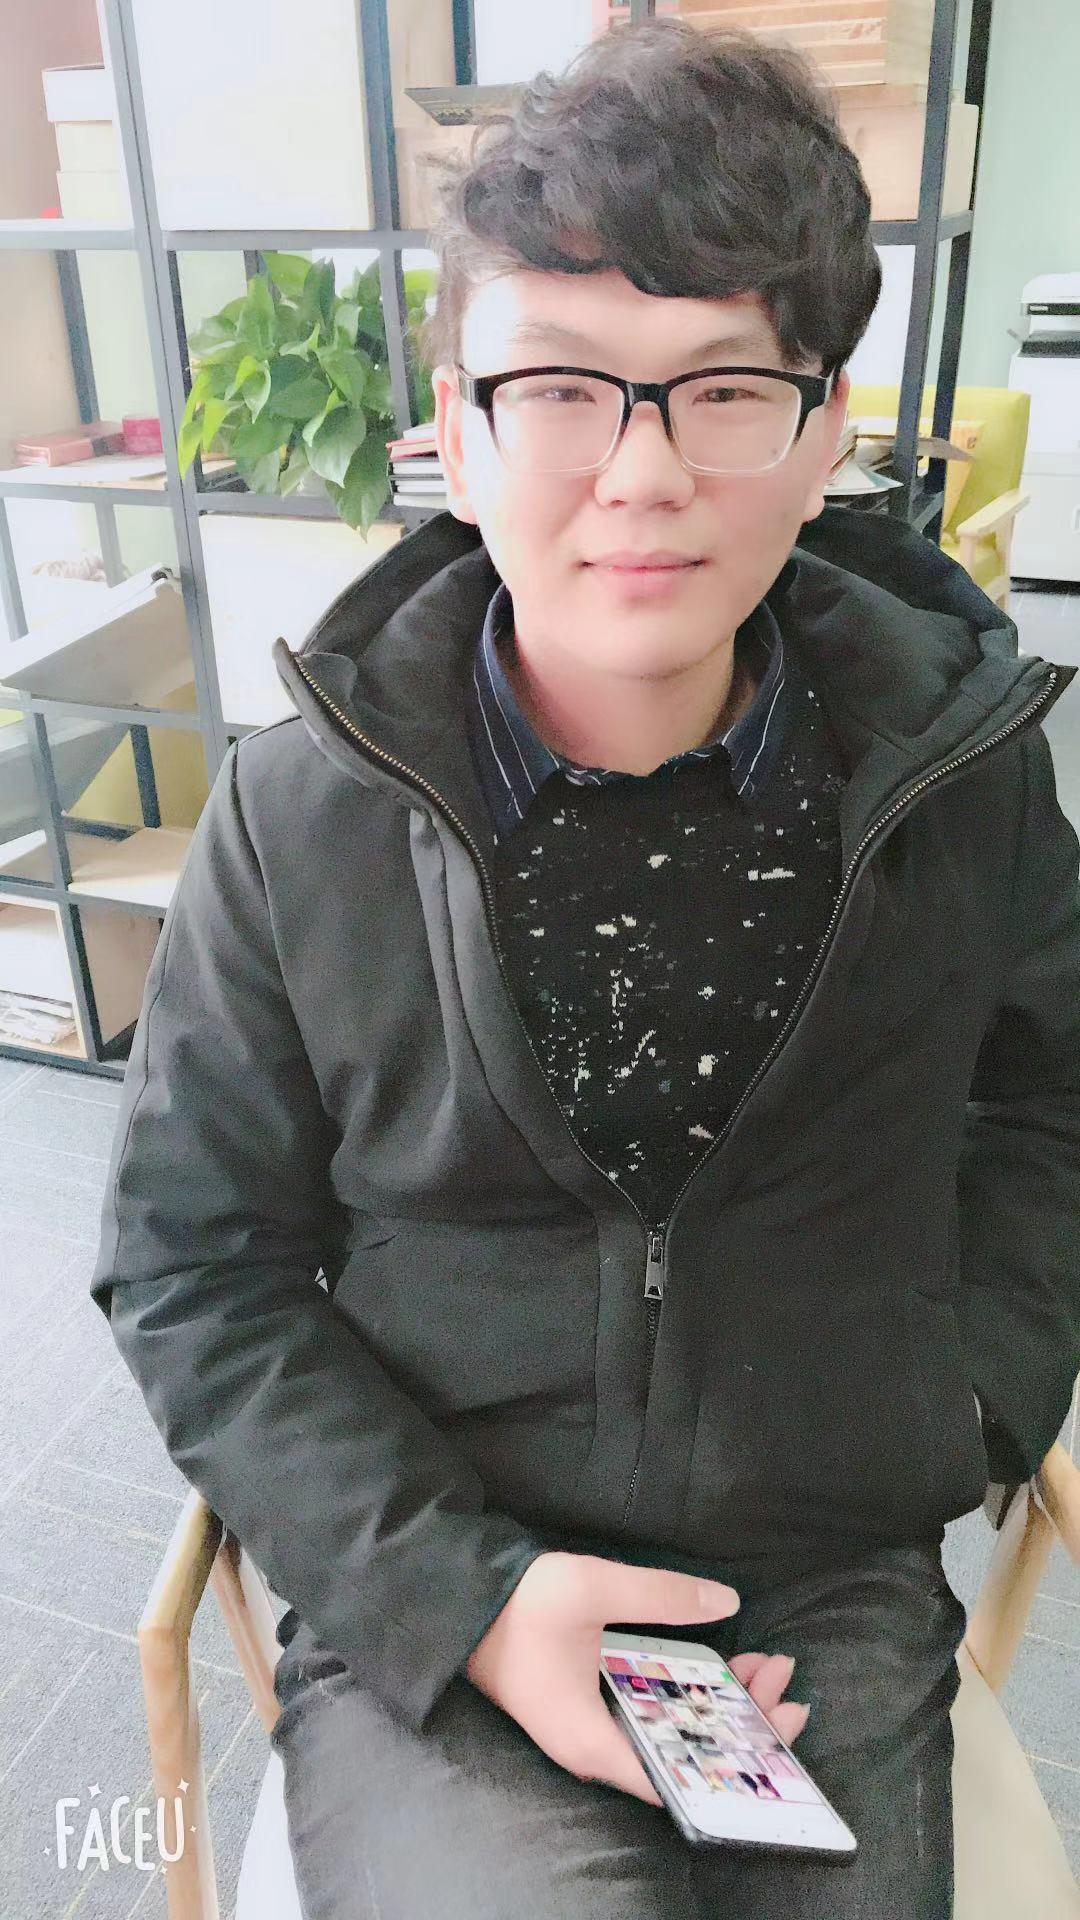 扬州刘笑笑设计师